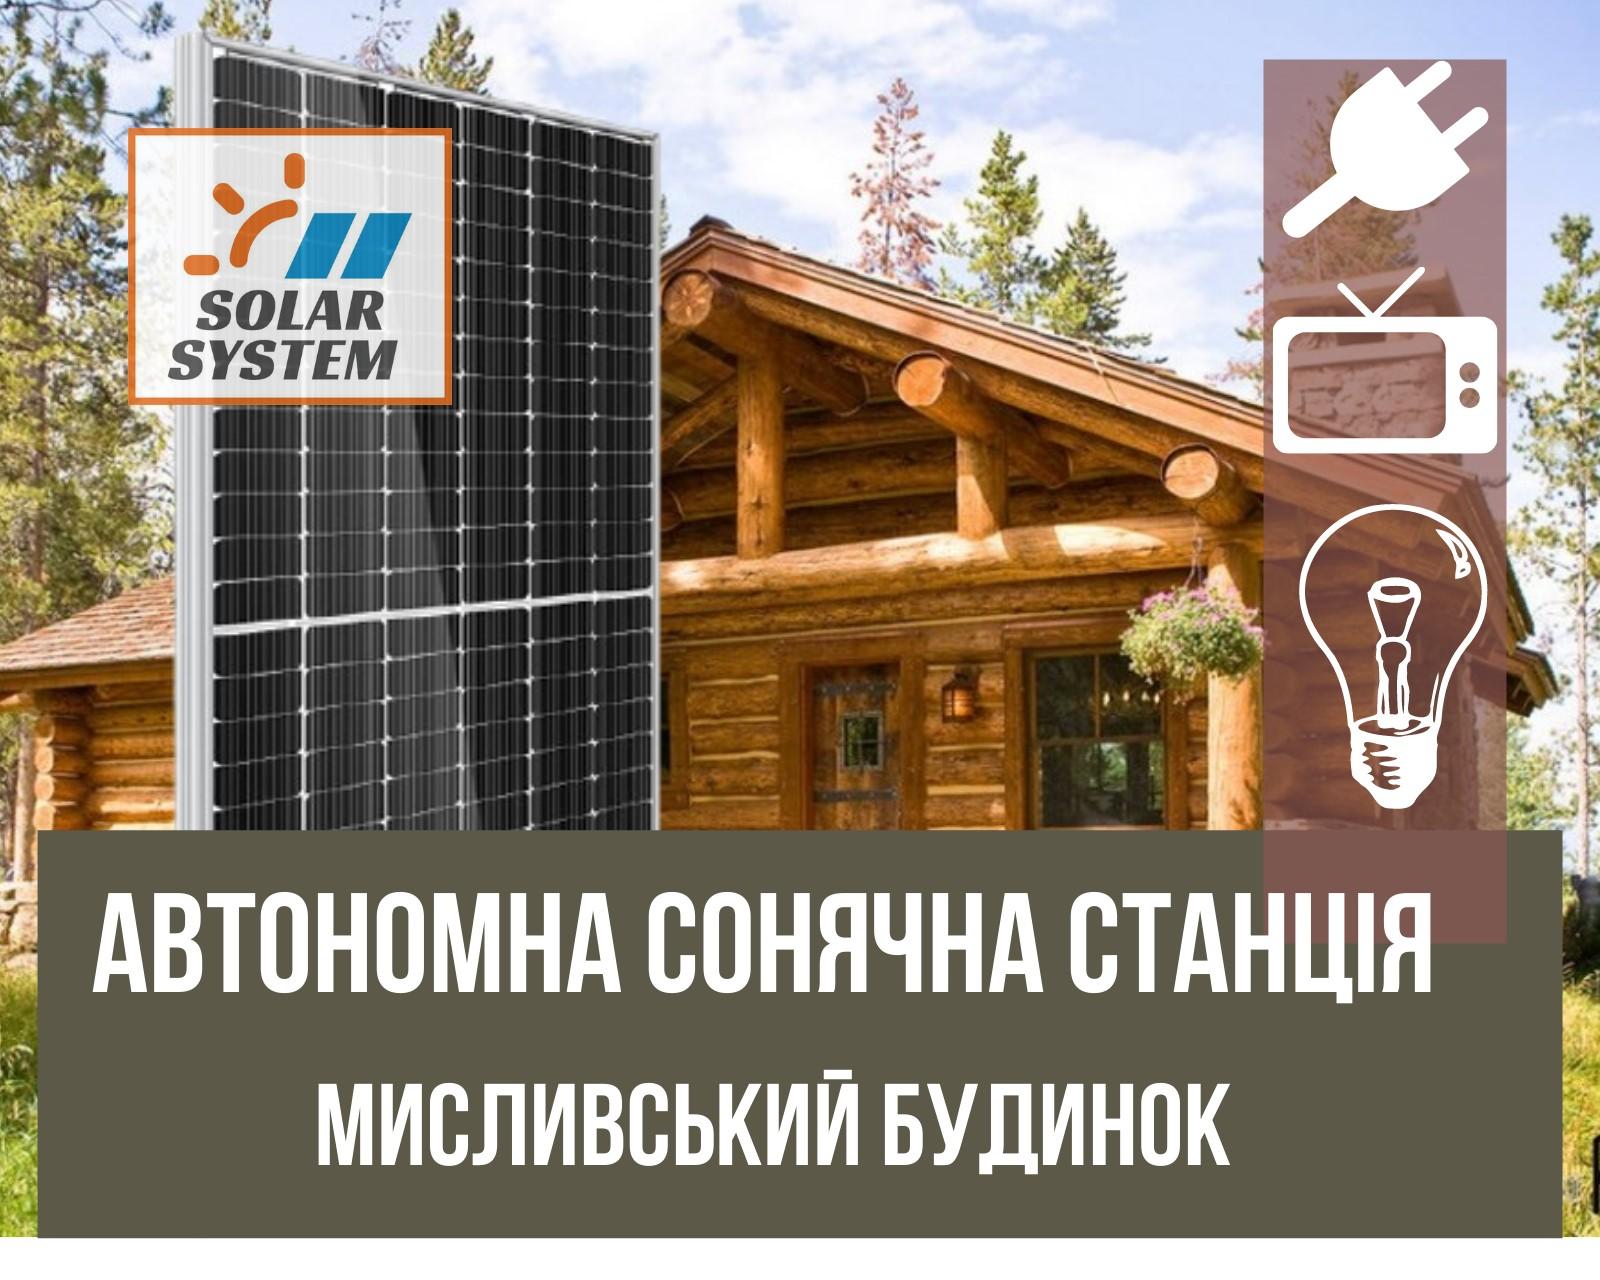 сонячна станція для мисливців